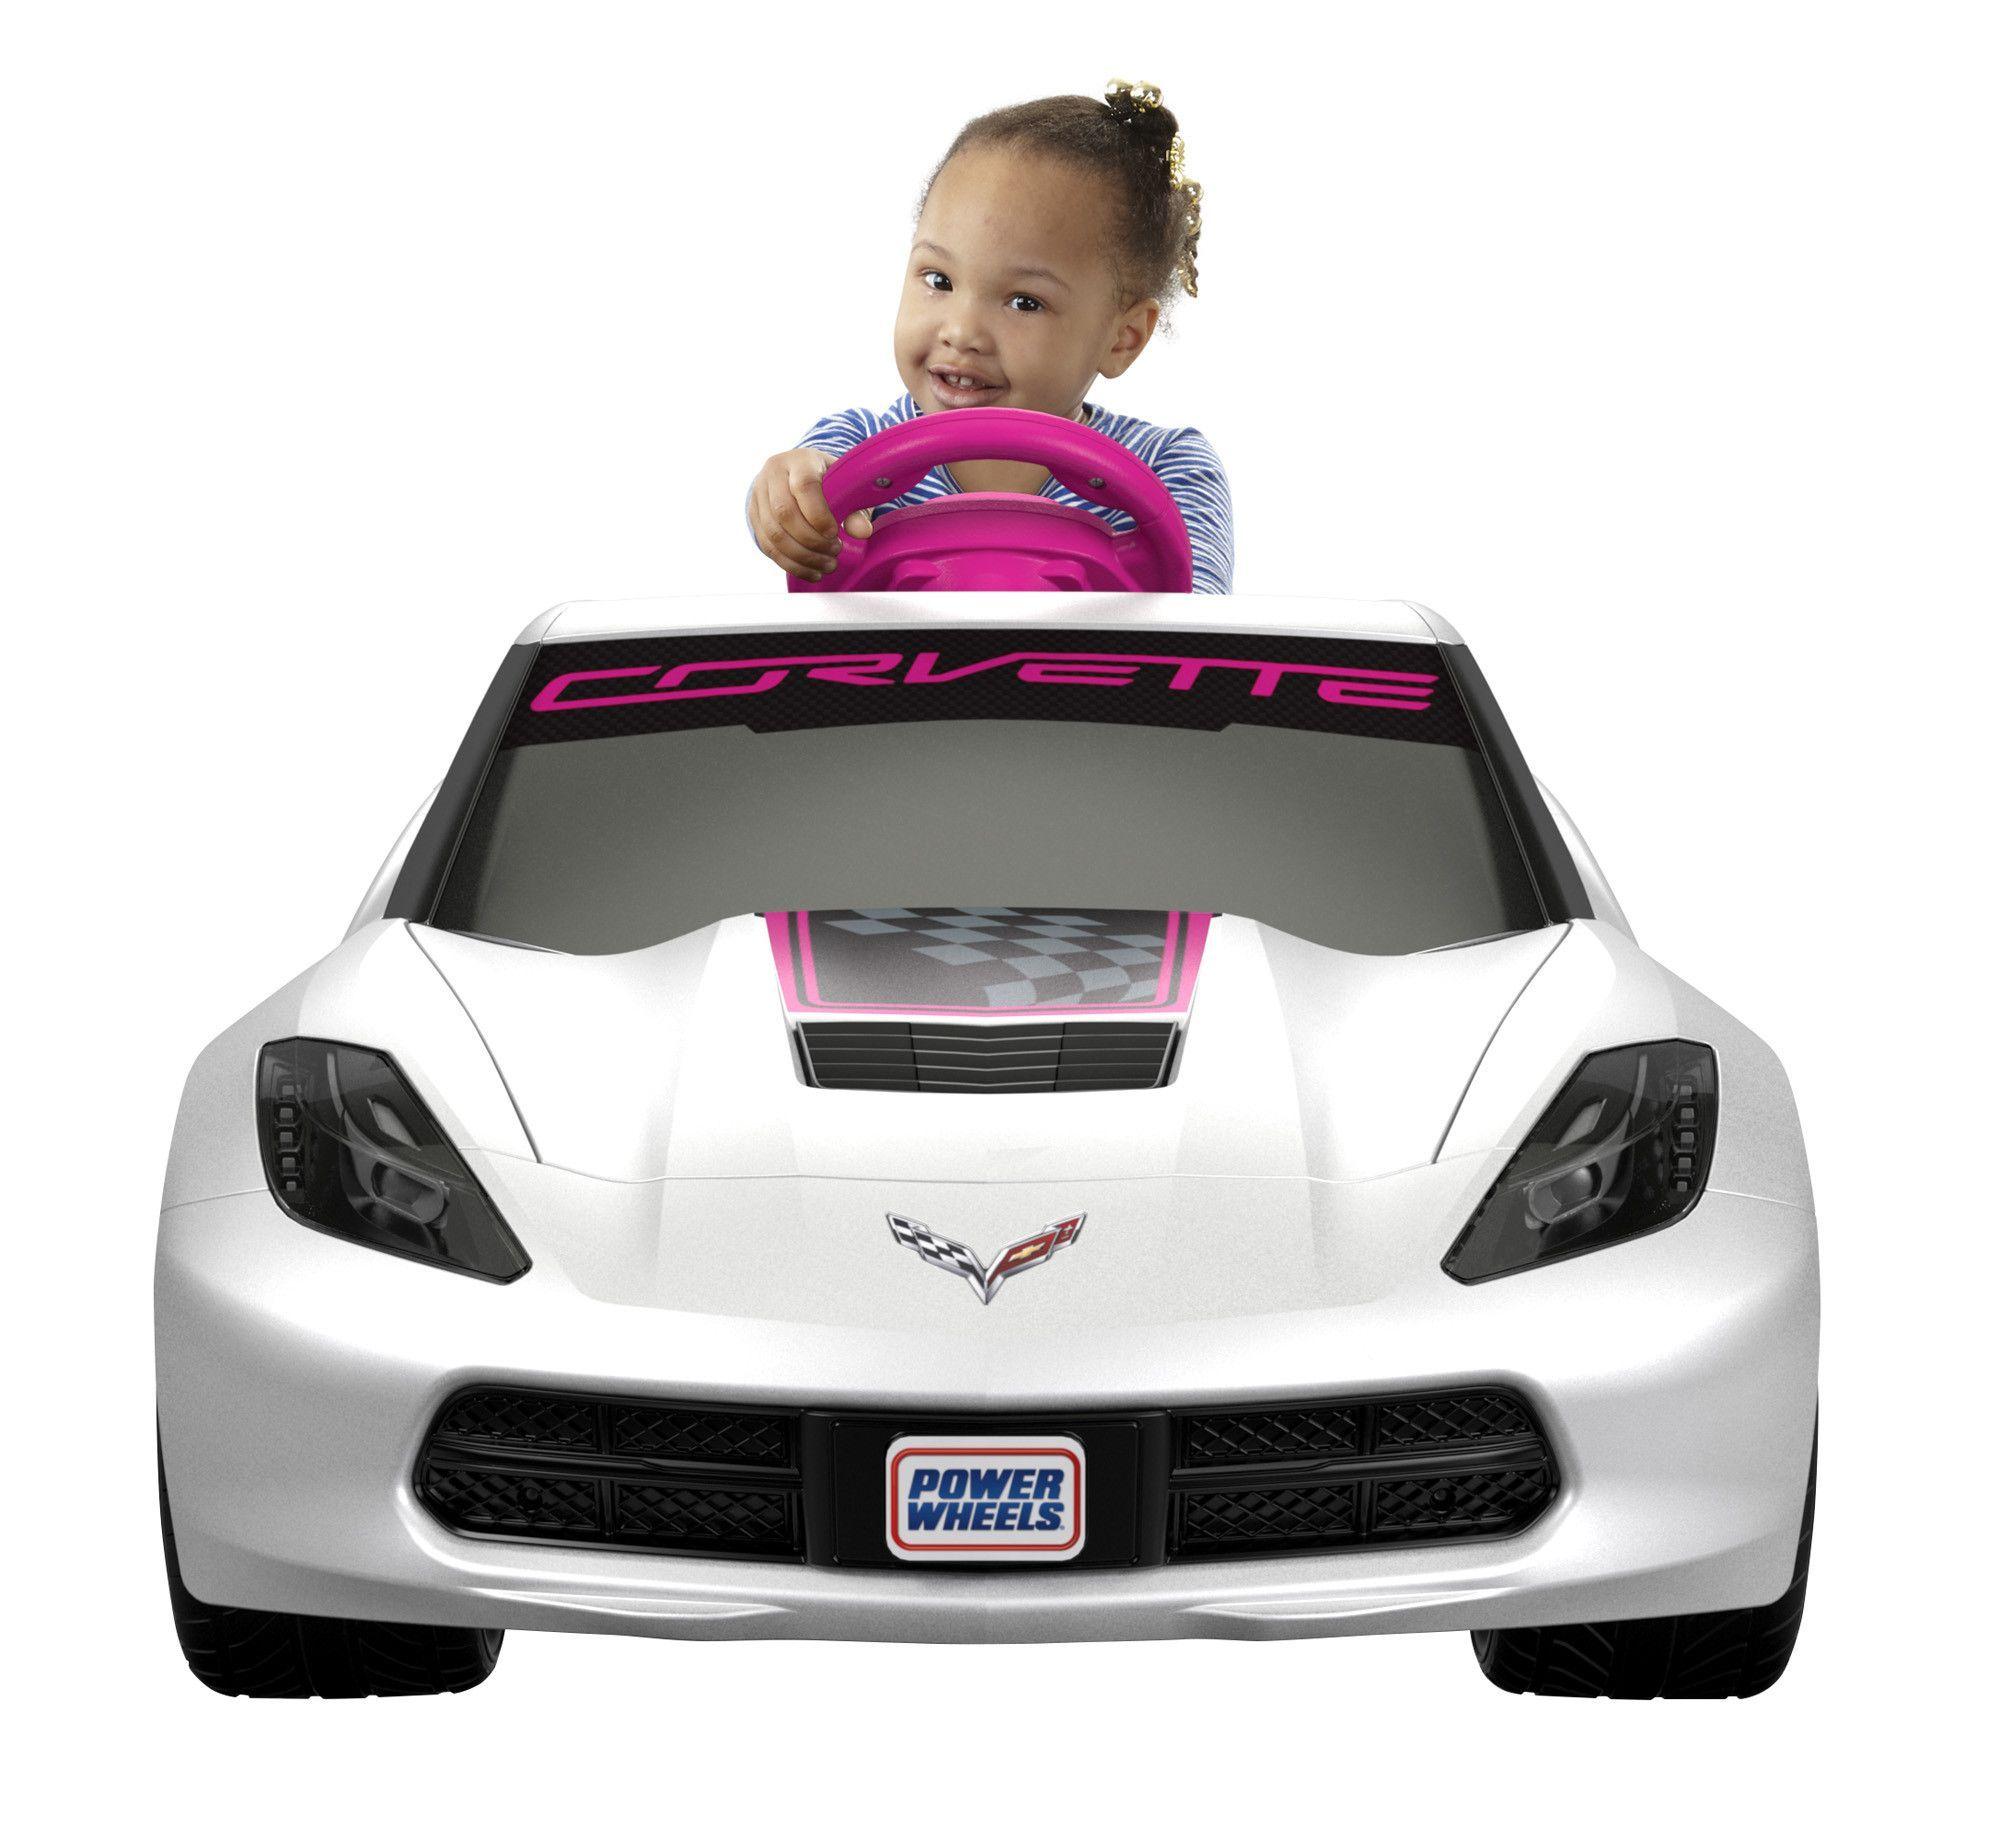 Wheels S Corvette 6v Battery Ed Ride On